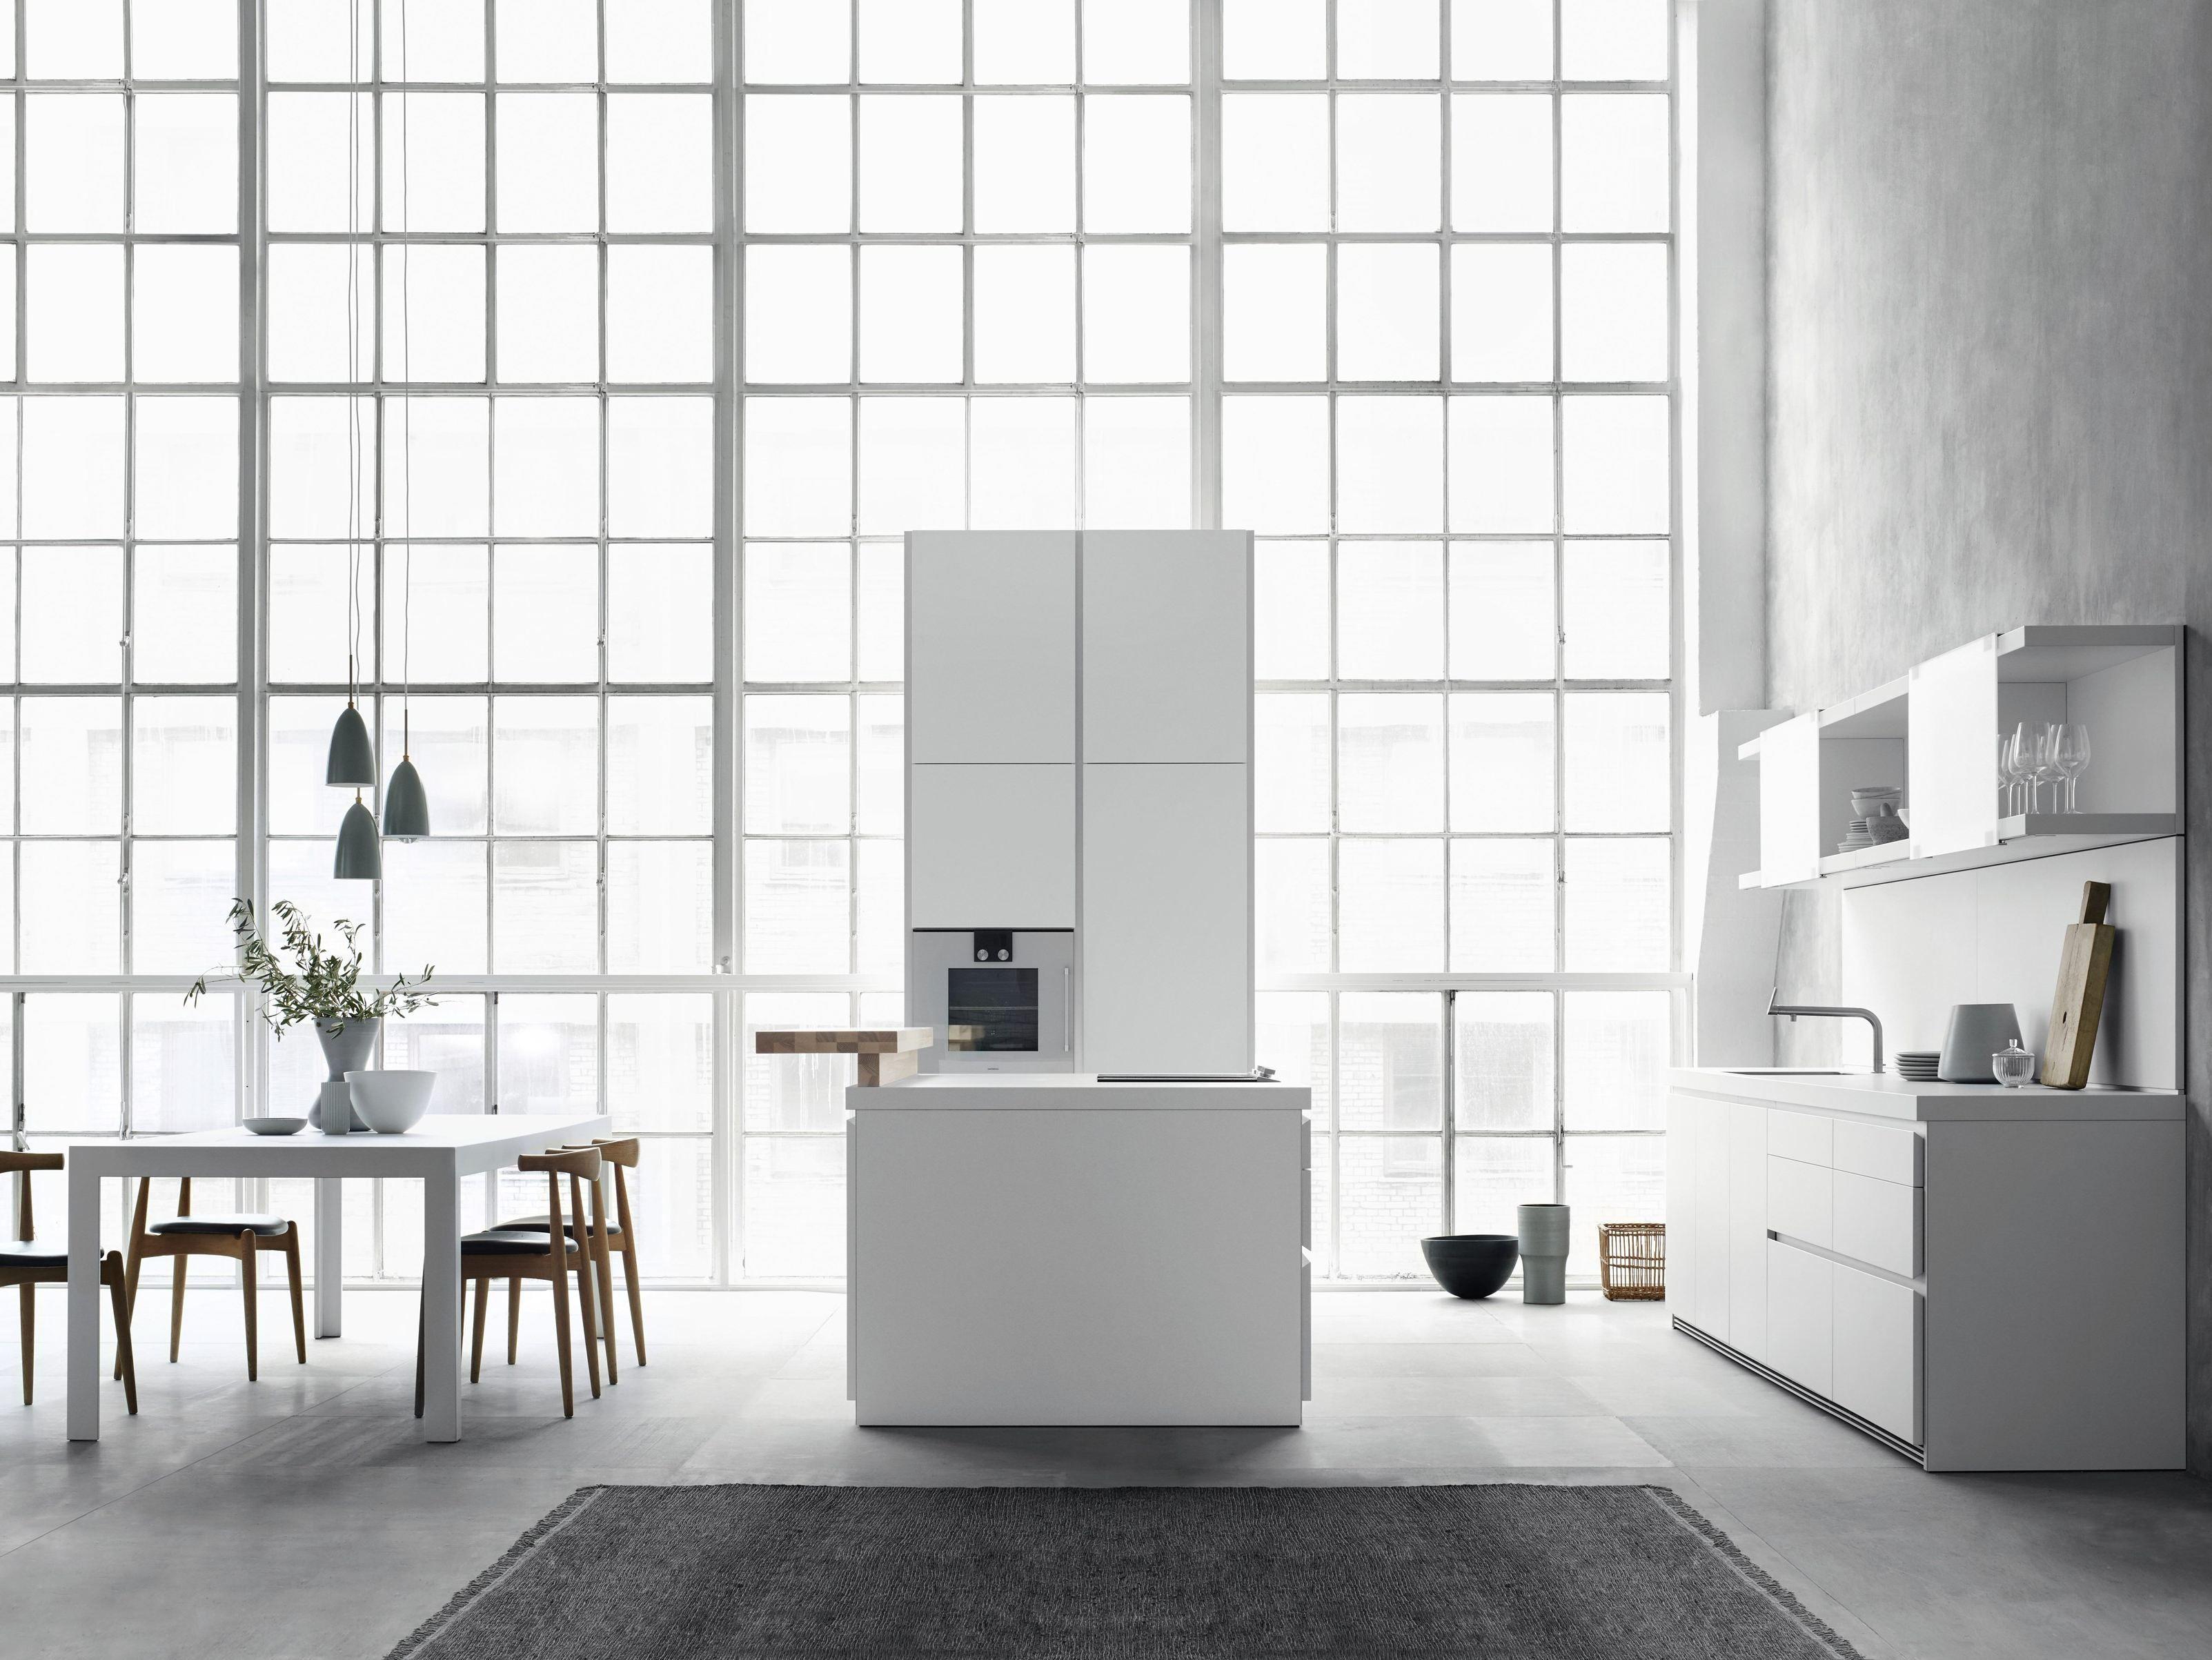 Fein Kücheninsel Beleuchtung Platzierung Ideen - Ideen Für Die Küche ...